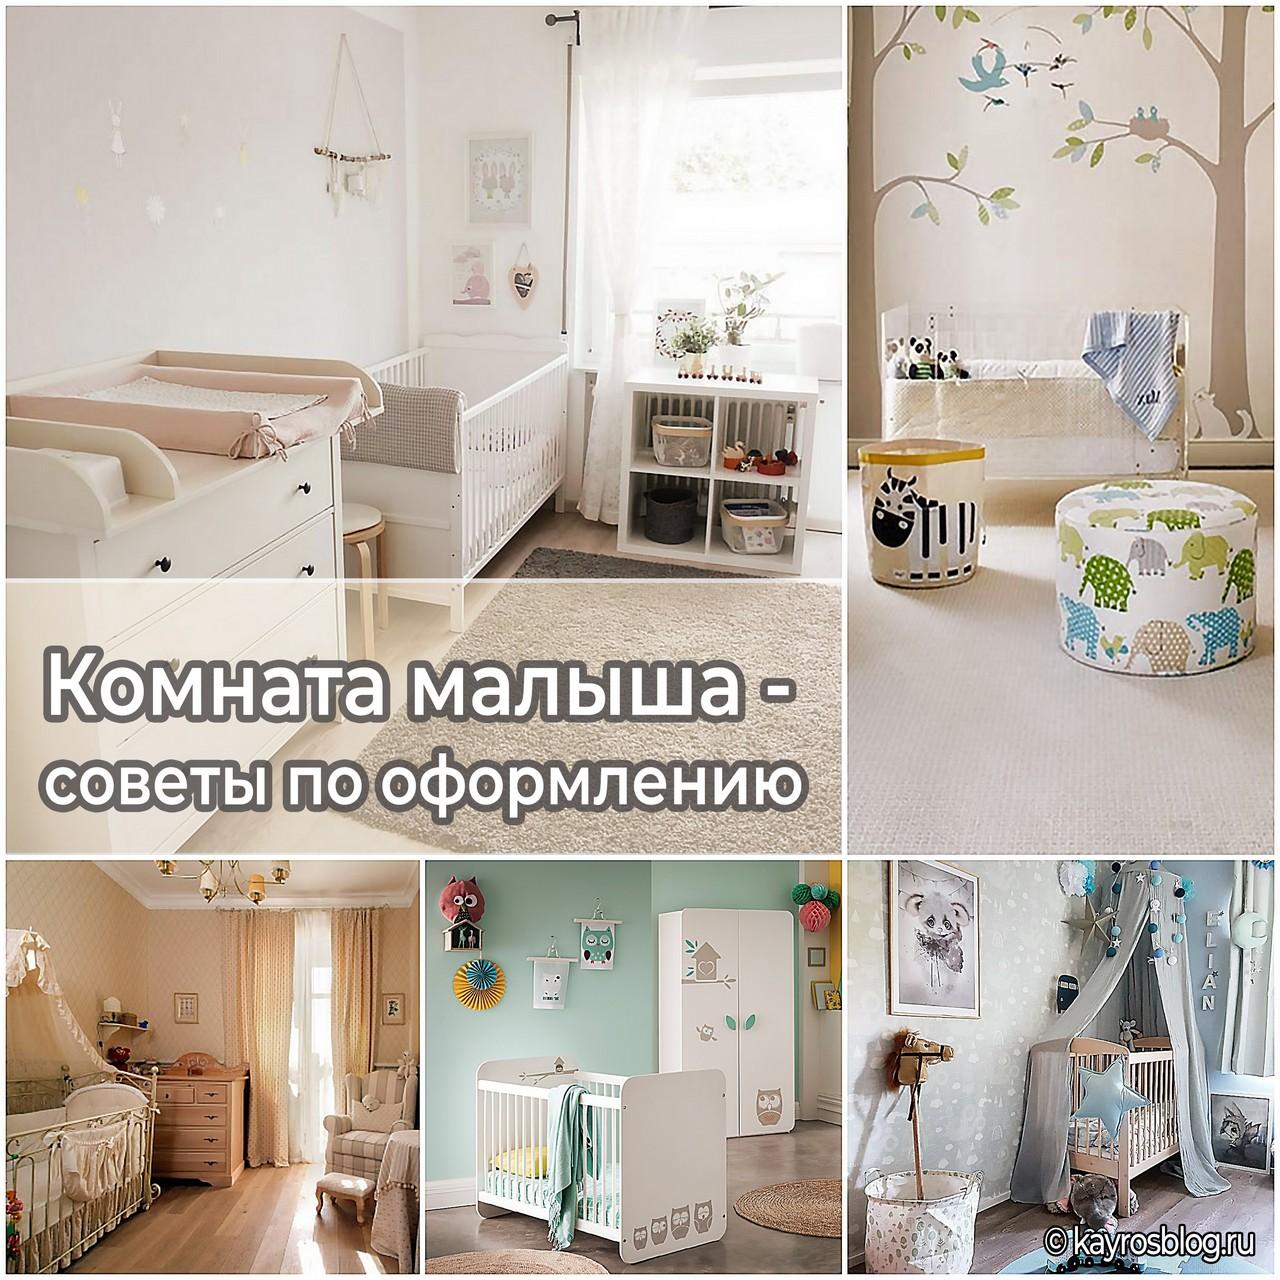 Комната малыша - советы по оформлению